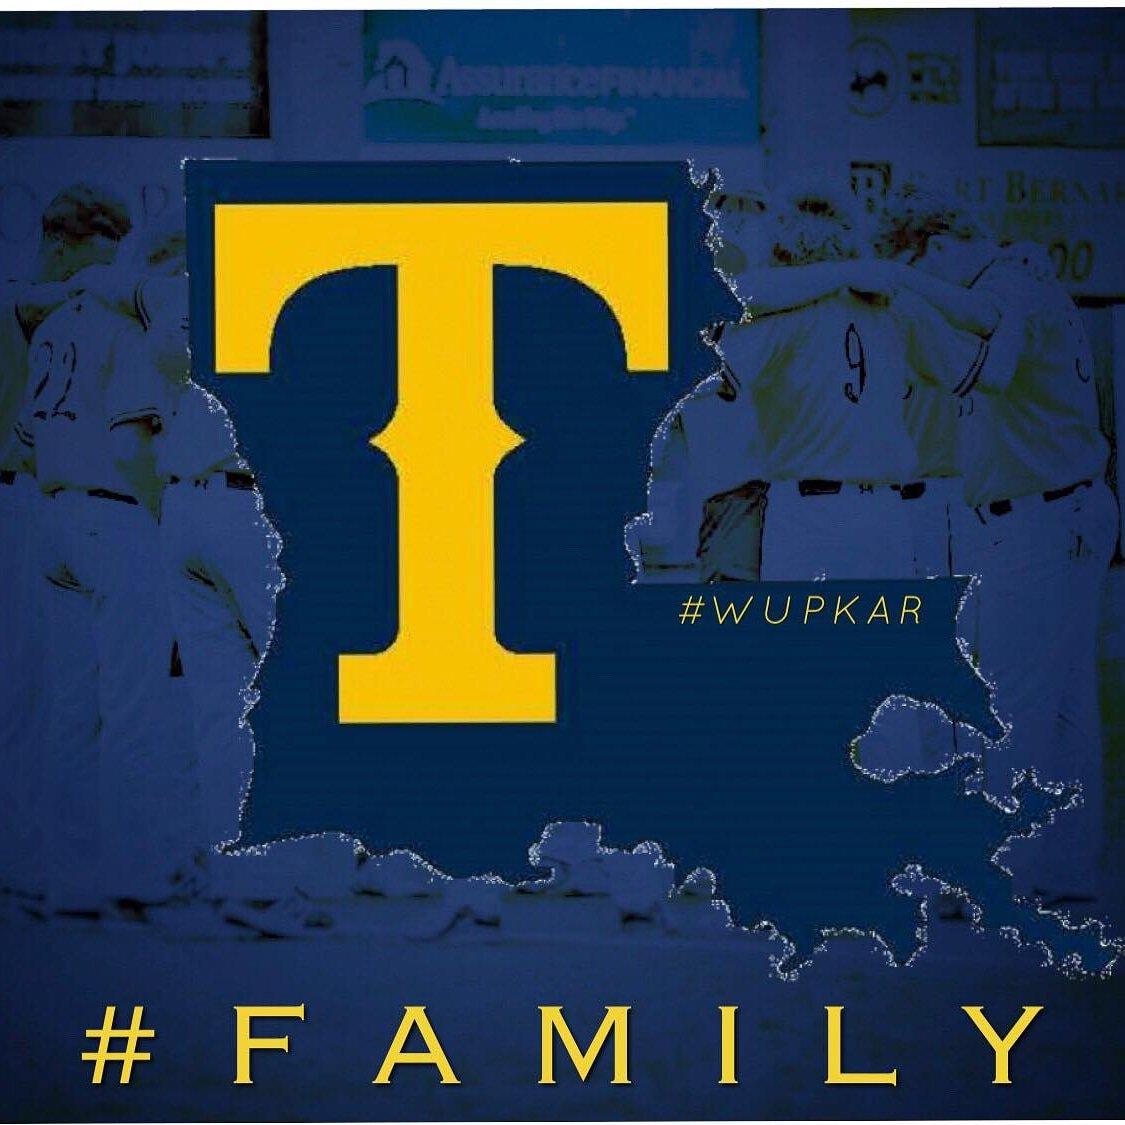 Team Louisiana on Twitter: